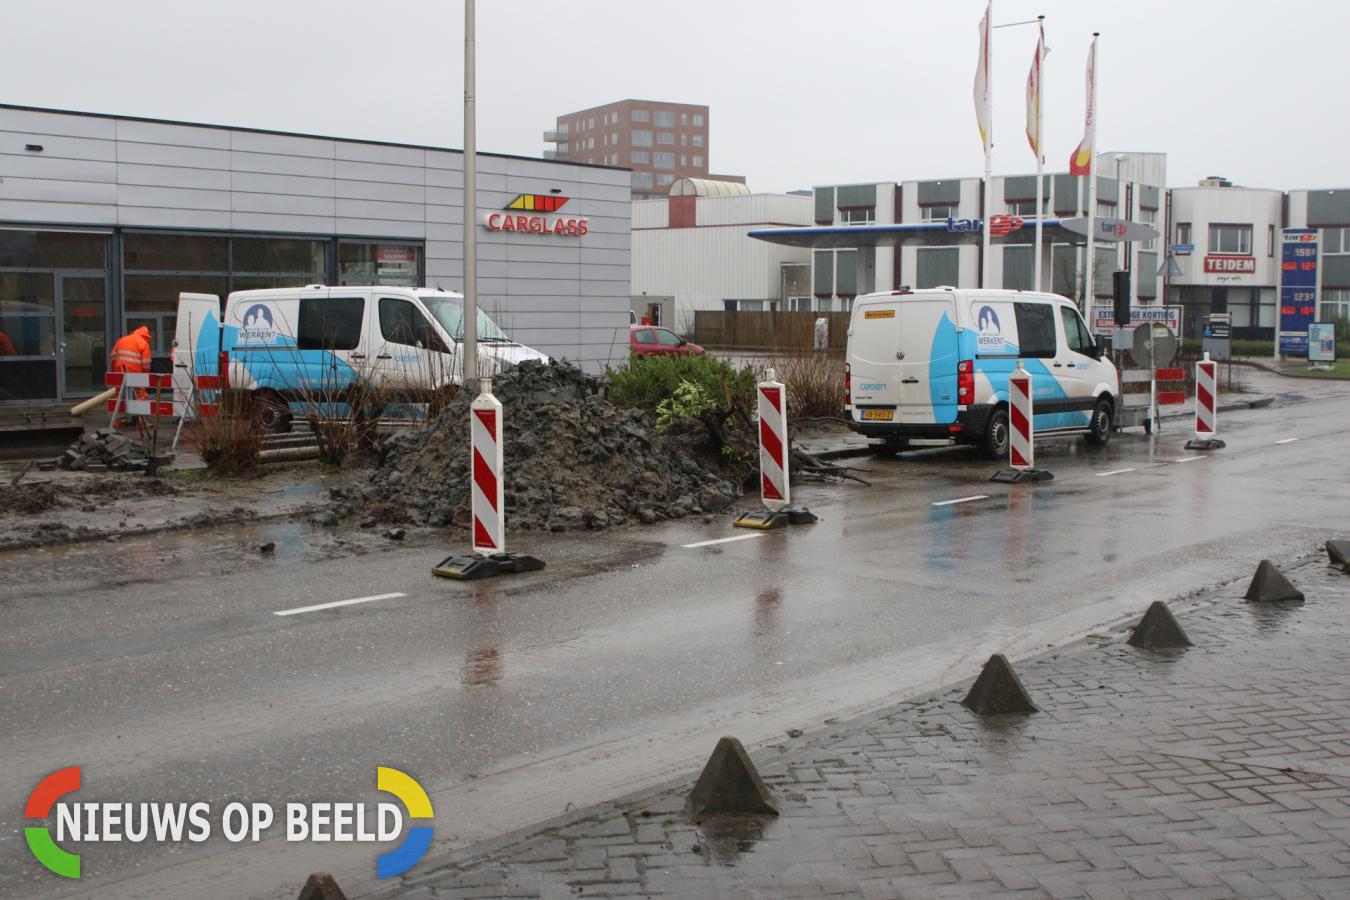 Huishoudens zonder water na raken waterleiding tijdens werkzaamheden Touwbaan Leiderdorp